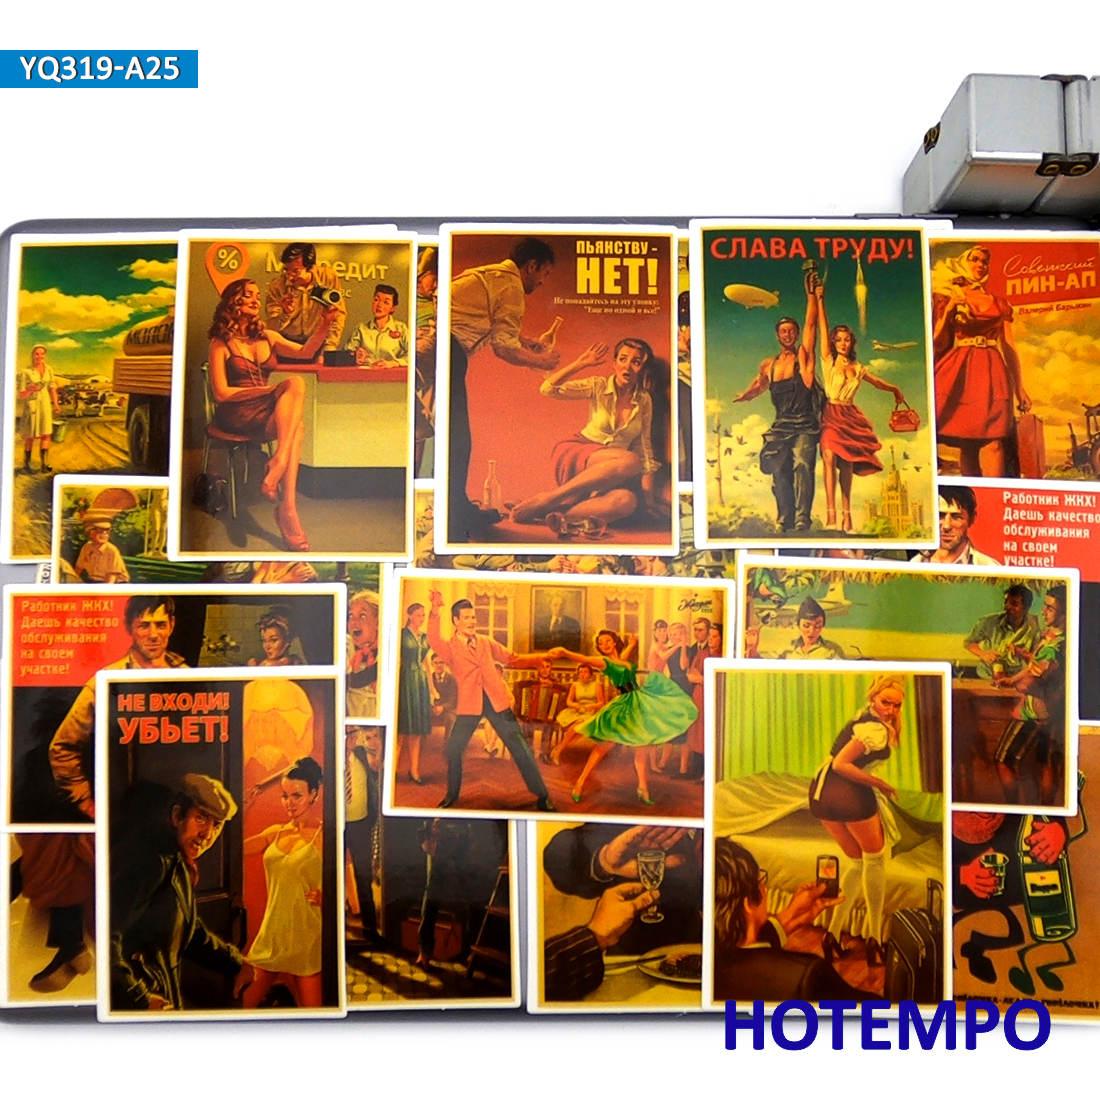 25 шт., Сталин, СССР, CCCP, модные ретро постеры, стильные игрушки, наклейки на мобильный телефон, ноутбук, багаж, скейтборд, велосипед, автомобиль, художественная наклейка|Наклейки|   | АлиЭкспресс